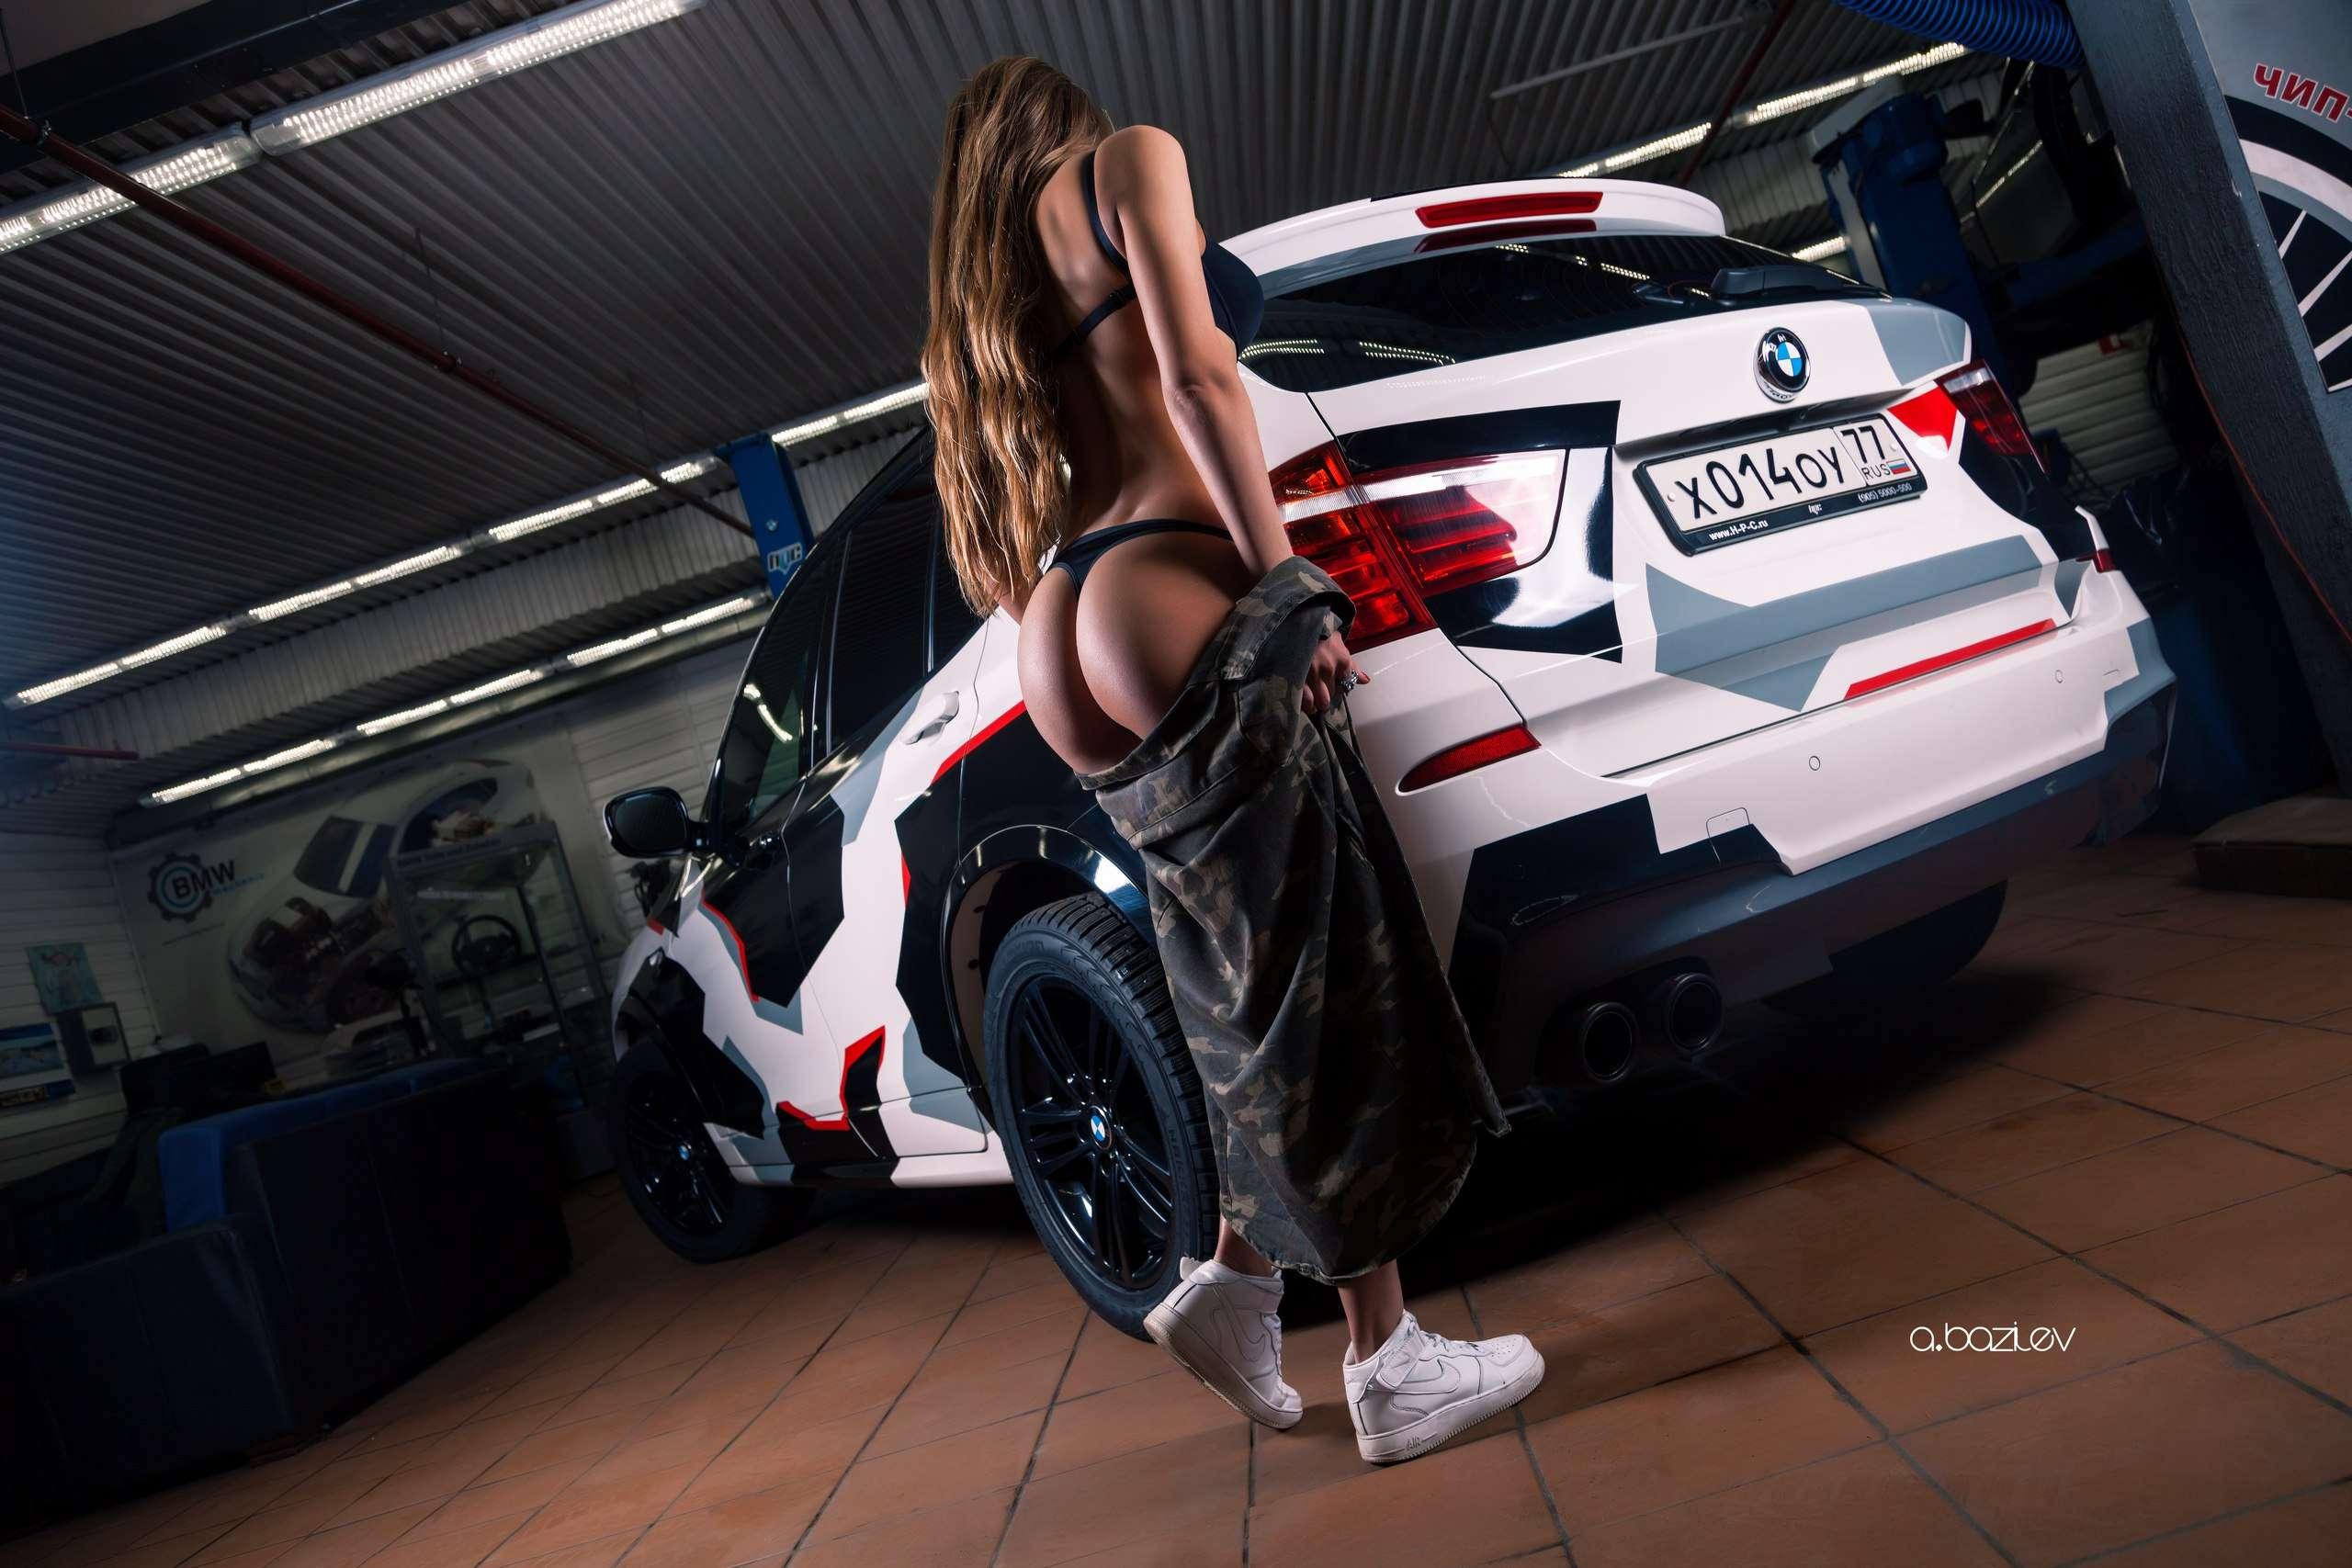 z5KiSRD8OsQ - Сексуальные девушки и автомобили (часть 10)